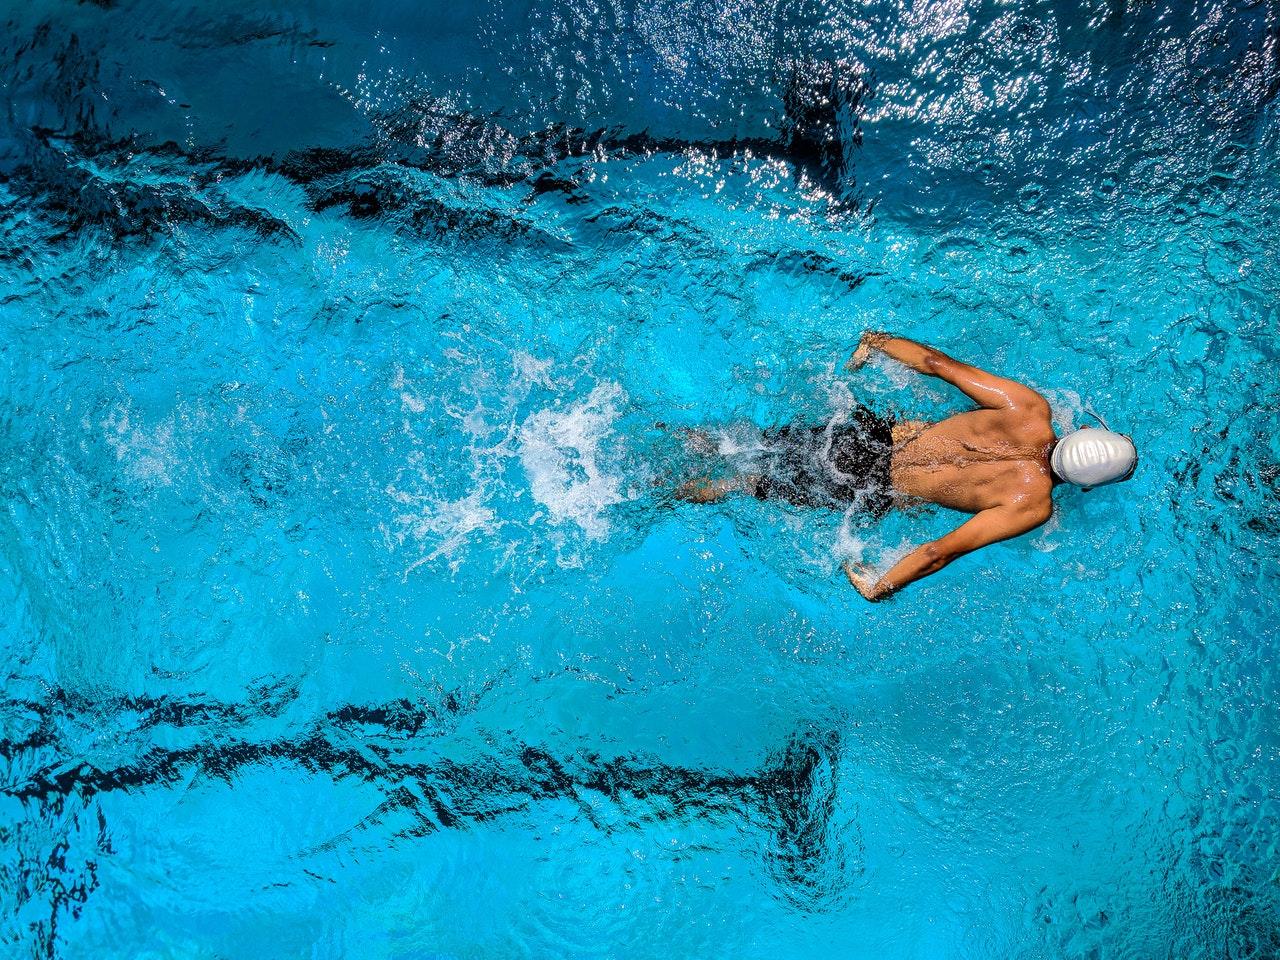 Jakie korzyści przynosi pływanie?